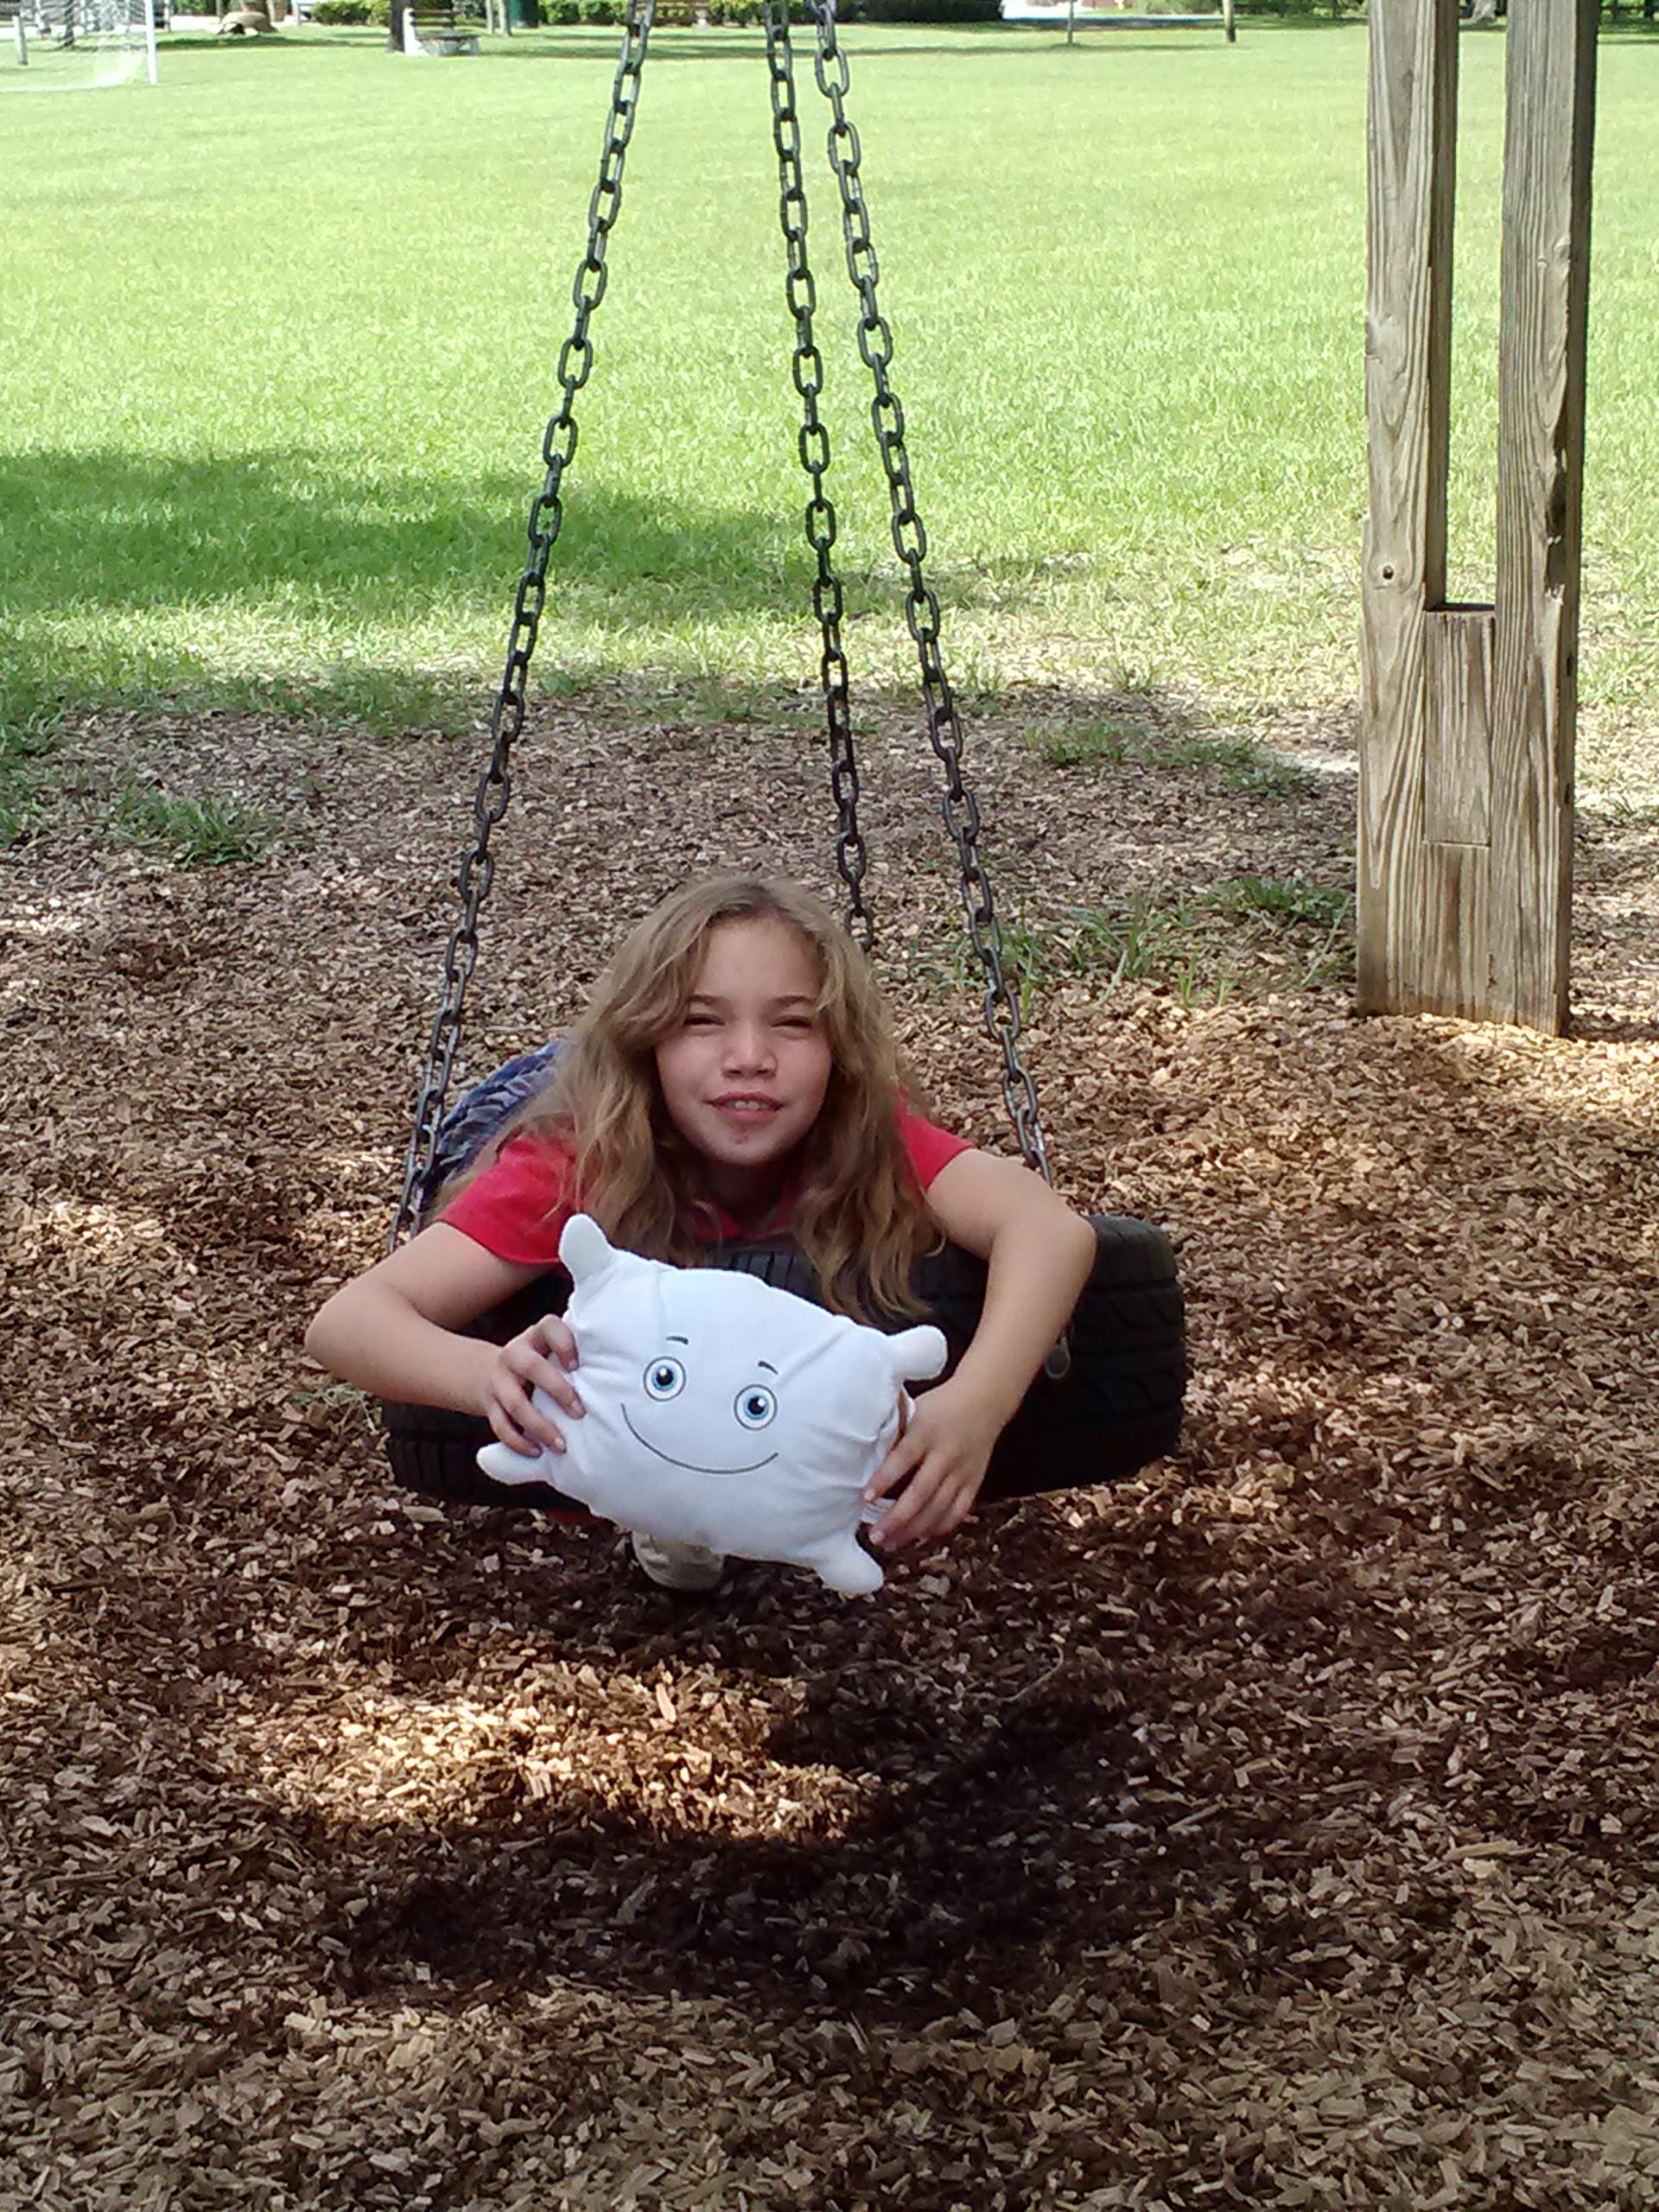 McStuffy enjoying the park